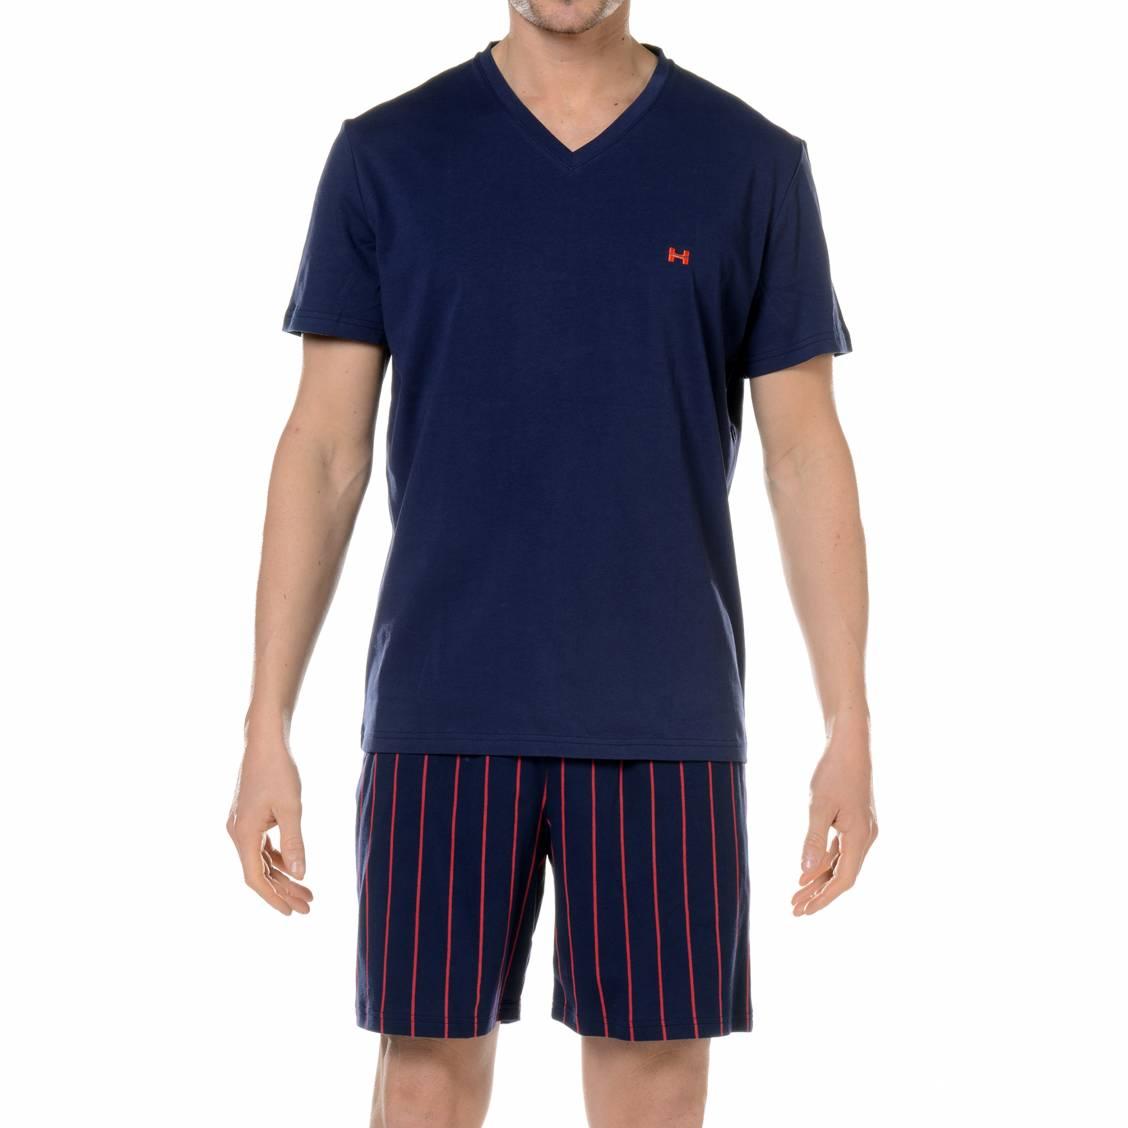 pyjama court hom 100 coton bleu marine short bleu marine fines rayures rouges rue des hommes. Black Bedroom Furniture Sets. Home Design Ideas